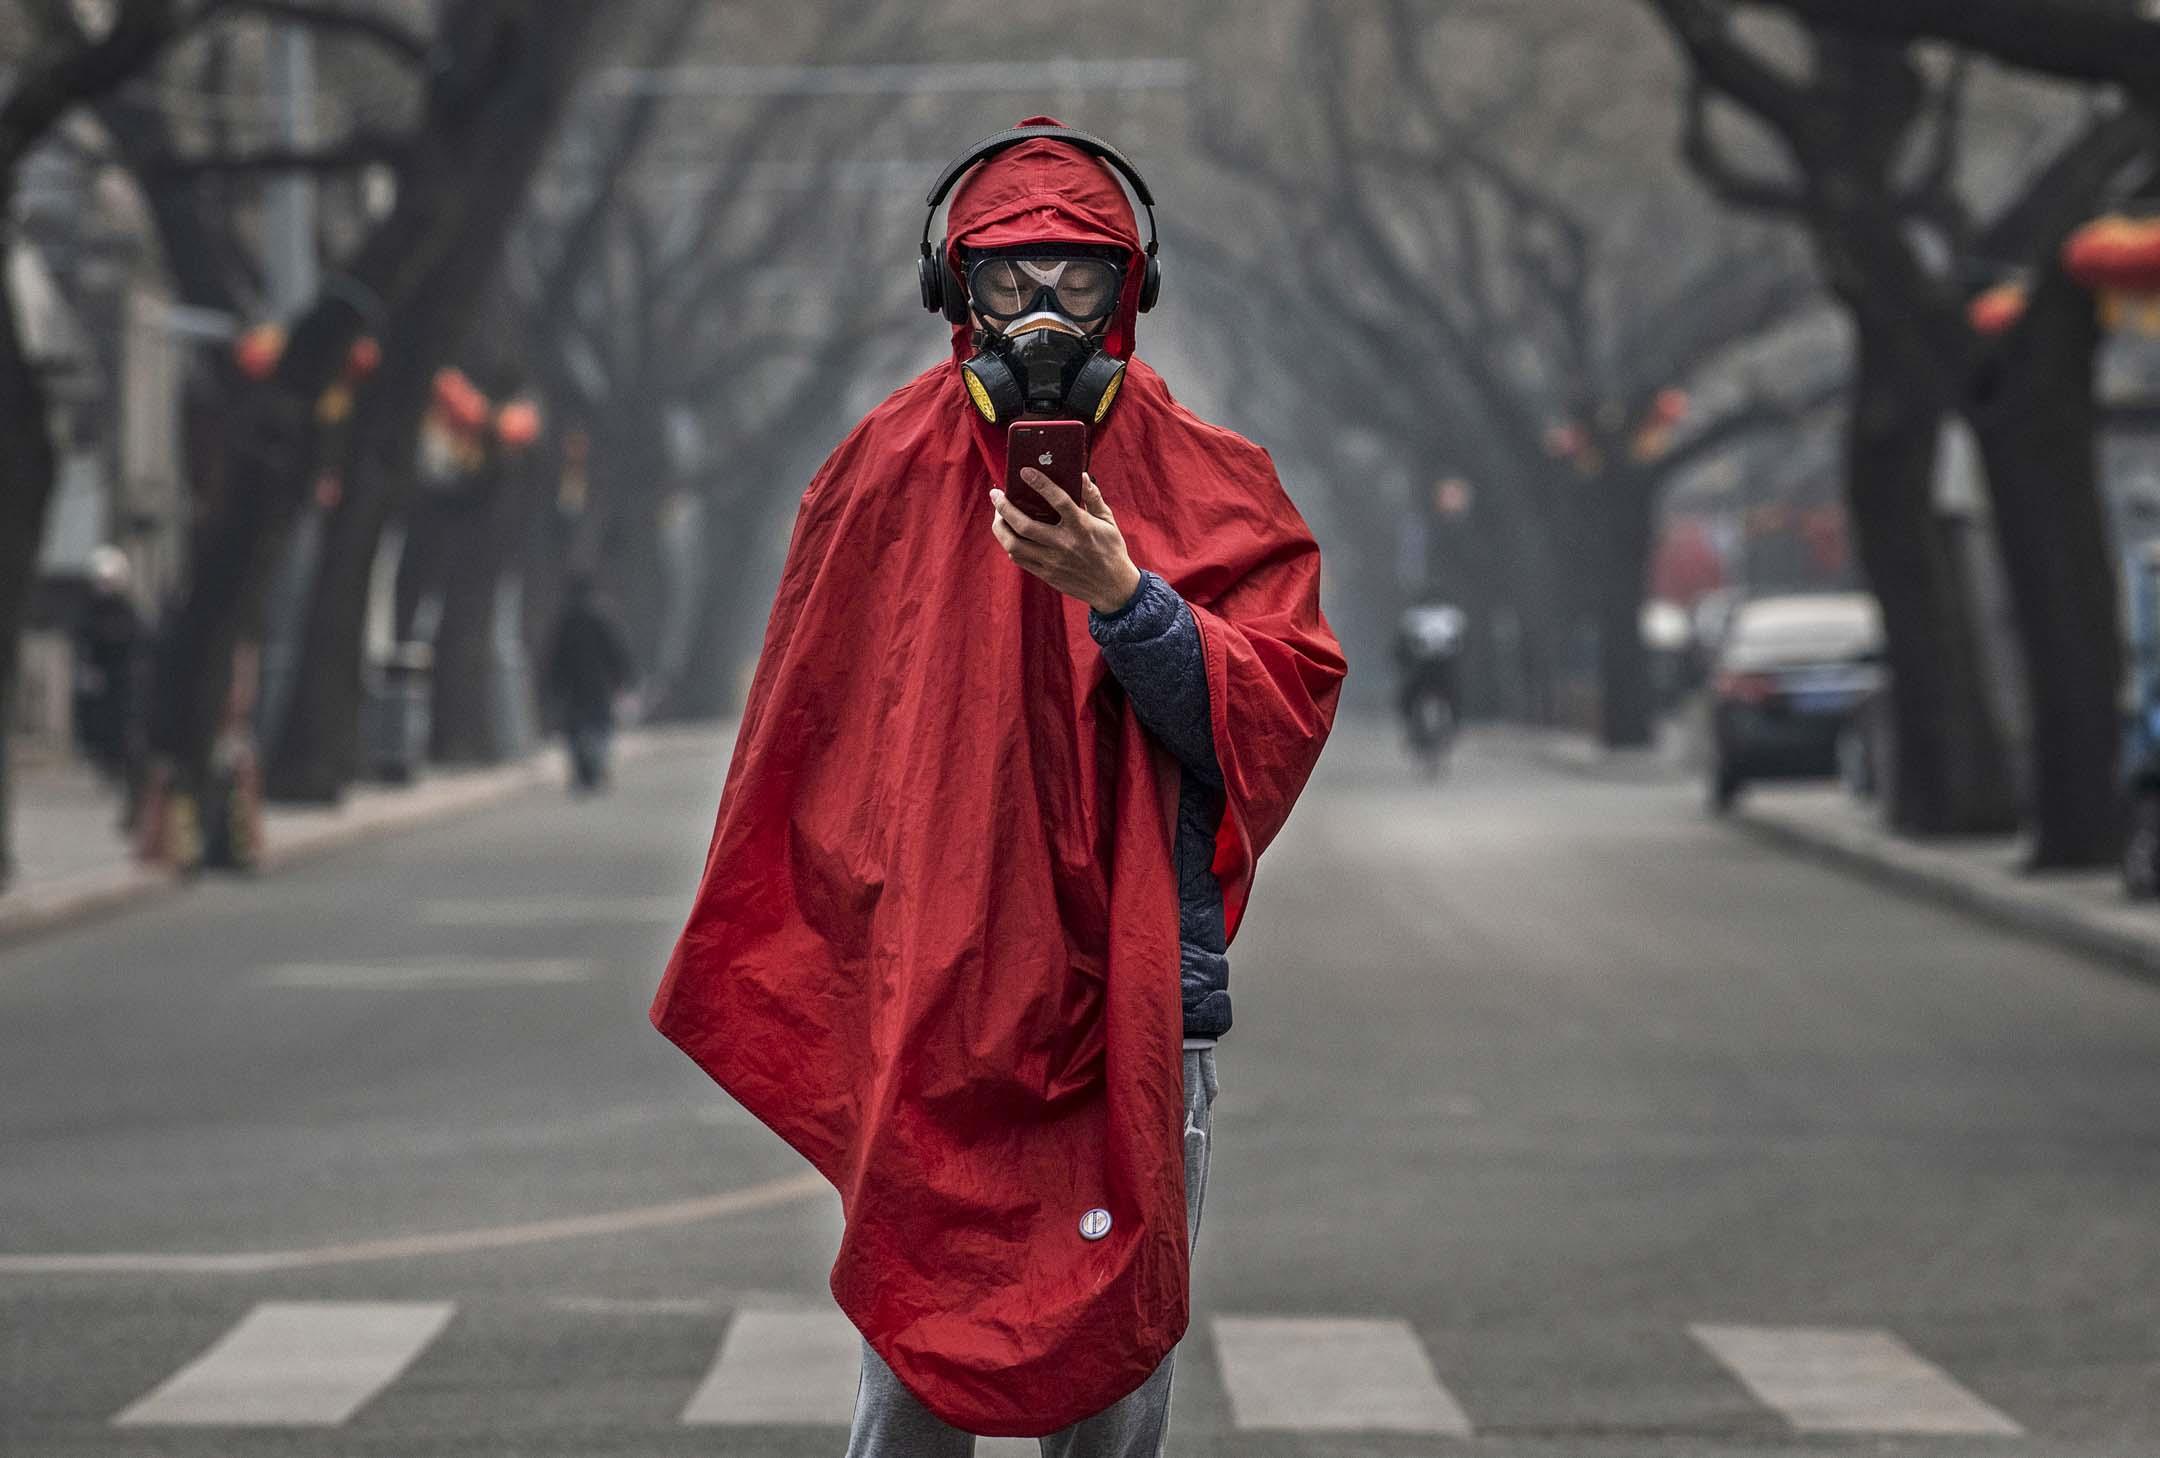 2020年1月26日,中國北京的農曆新年假期,一名戴著防護面具、護目鏡和紅色大衣的中國男子在一條空曠的街道上。 攝:Kevin Frayer/Getty Images